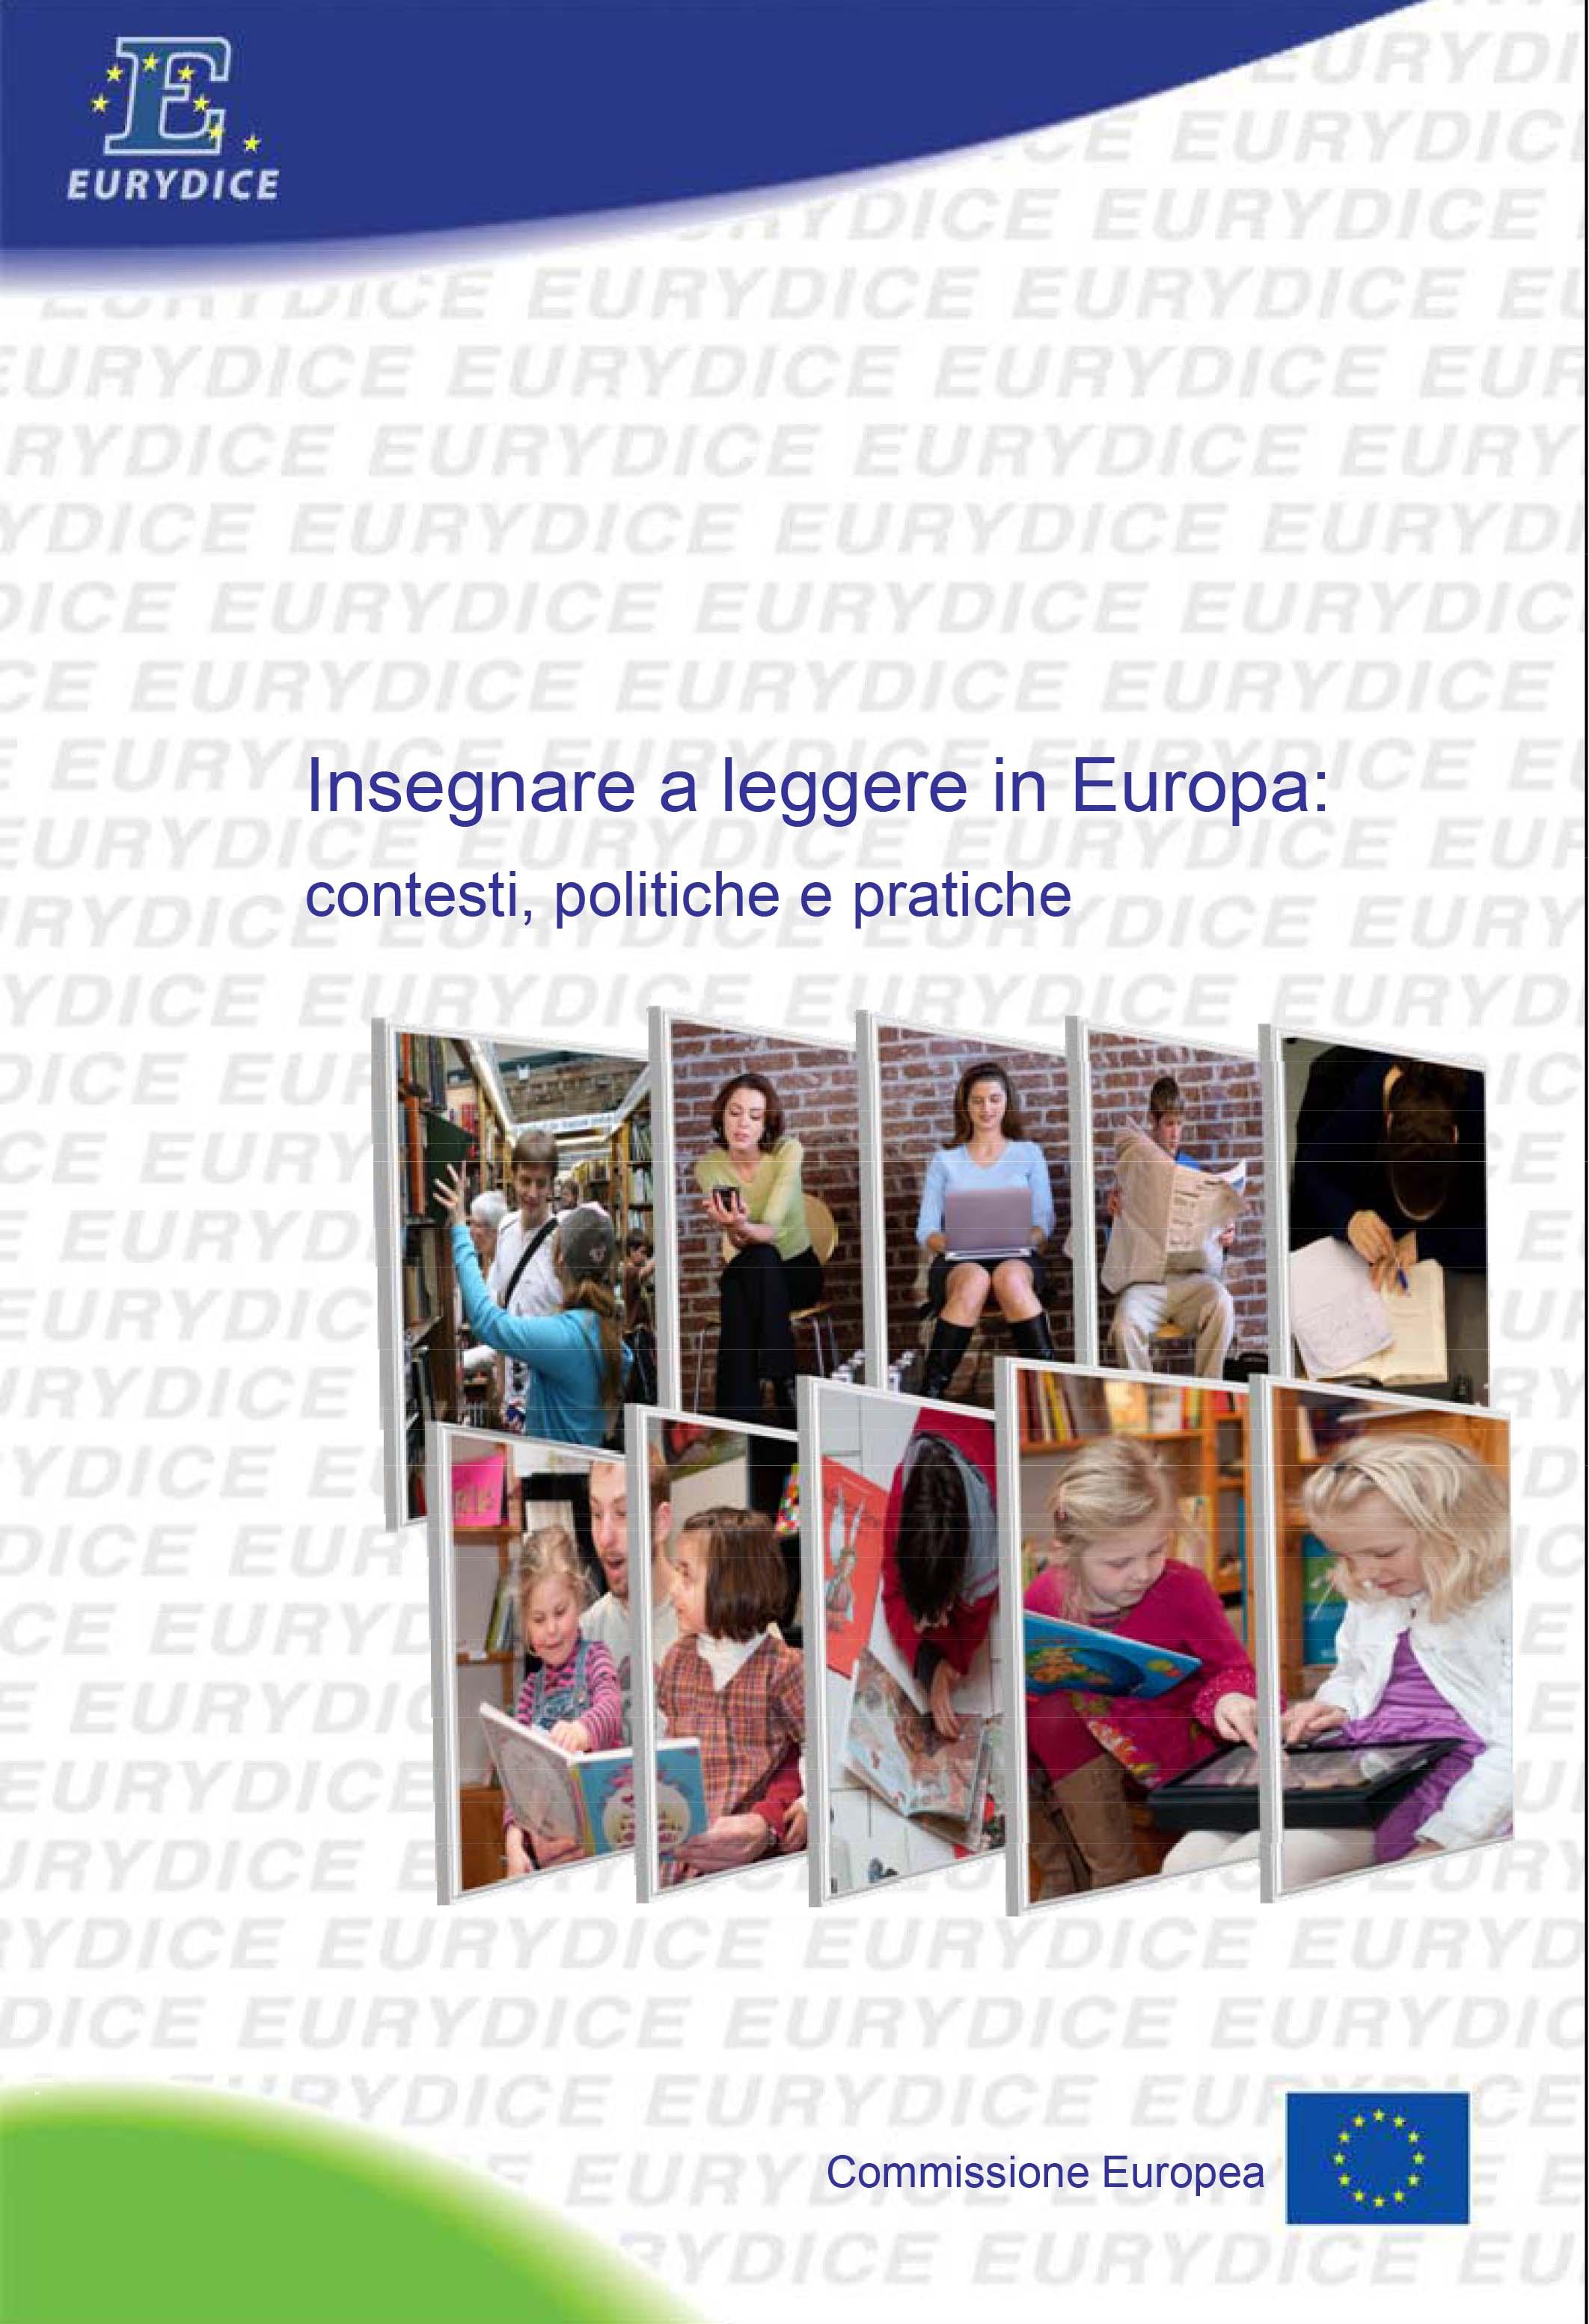 Insegnare a leggere in Europa: contesti, politiche e pratiche